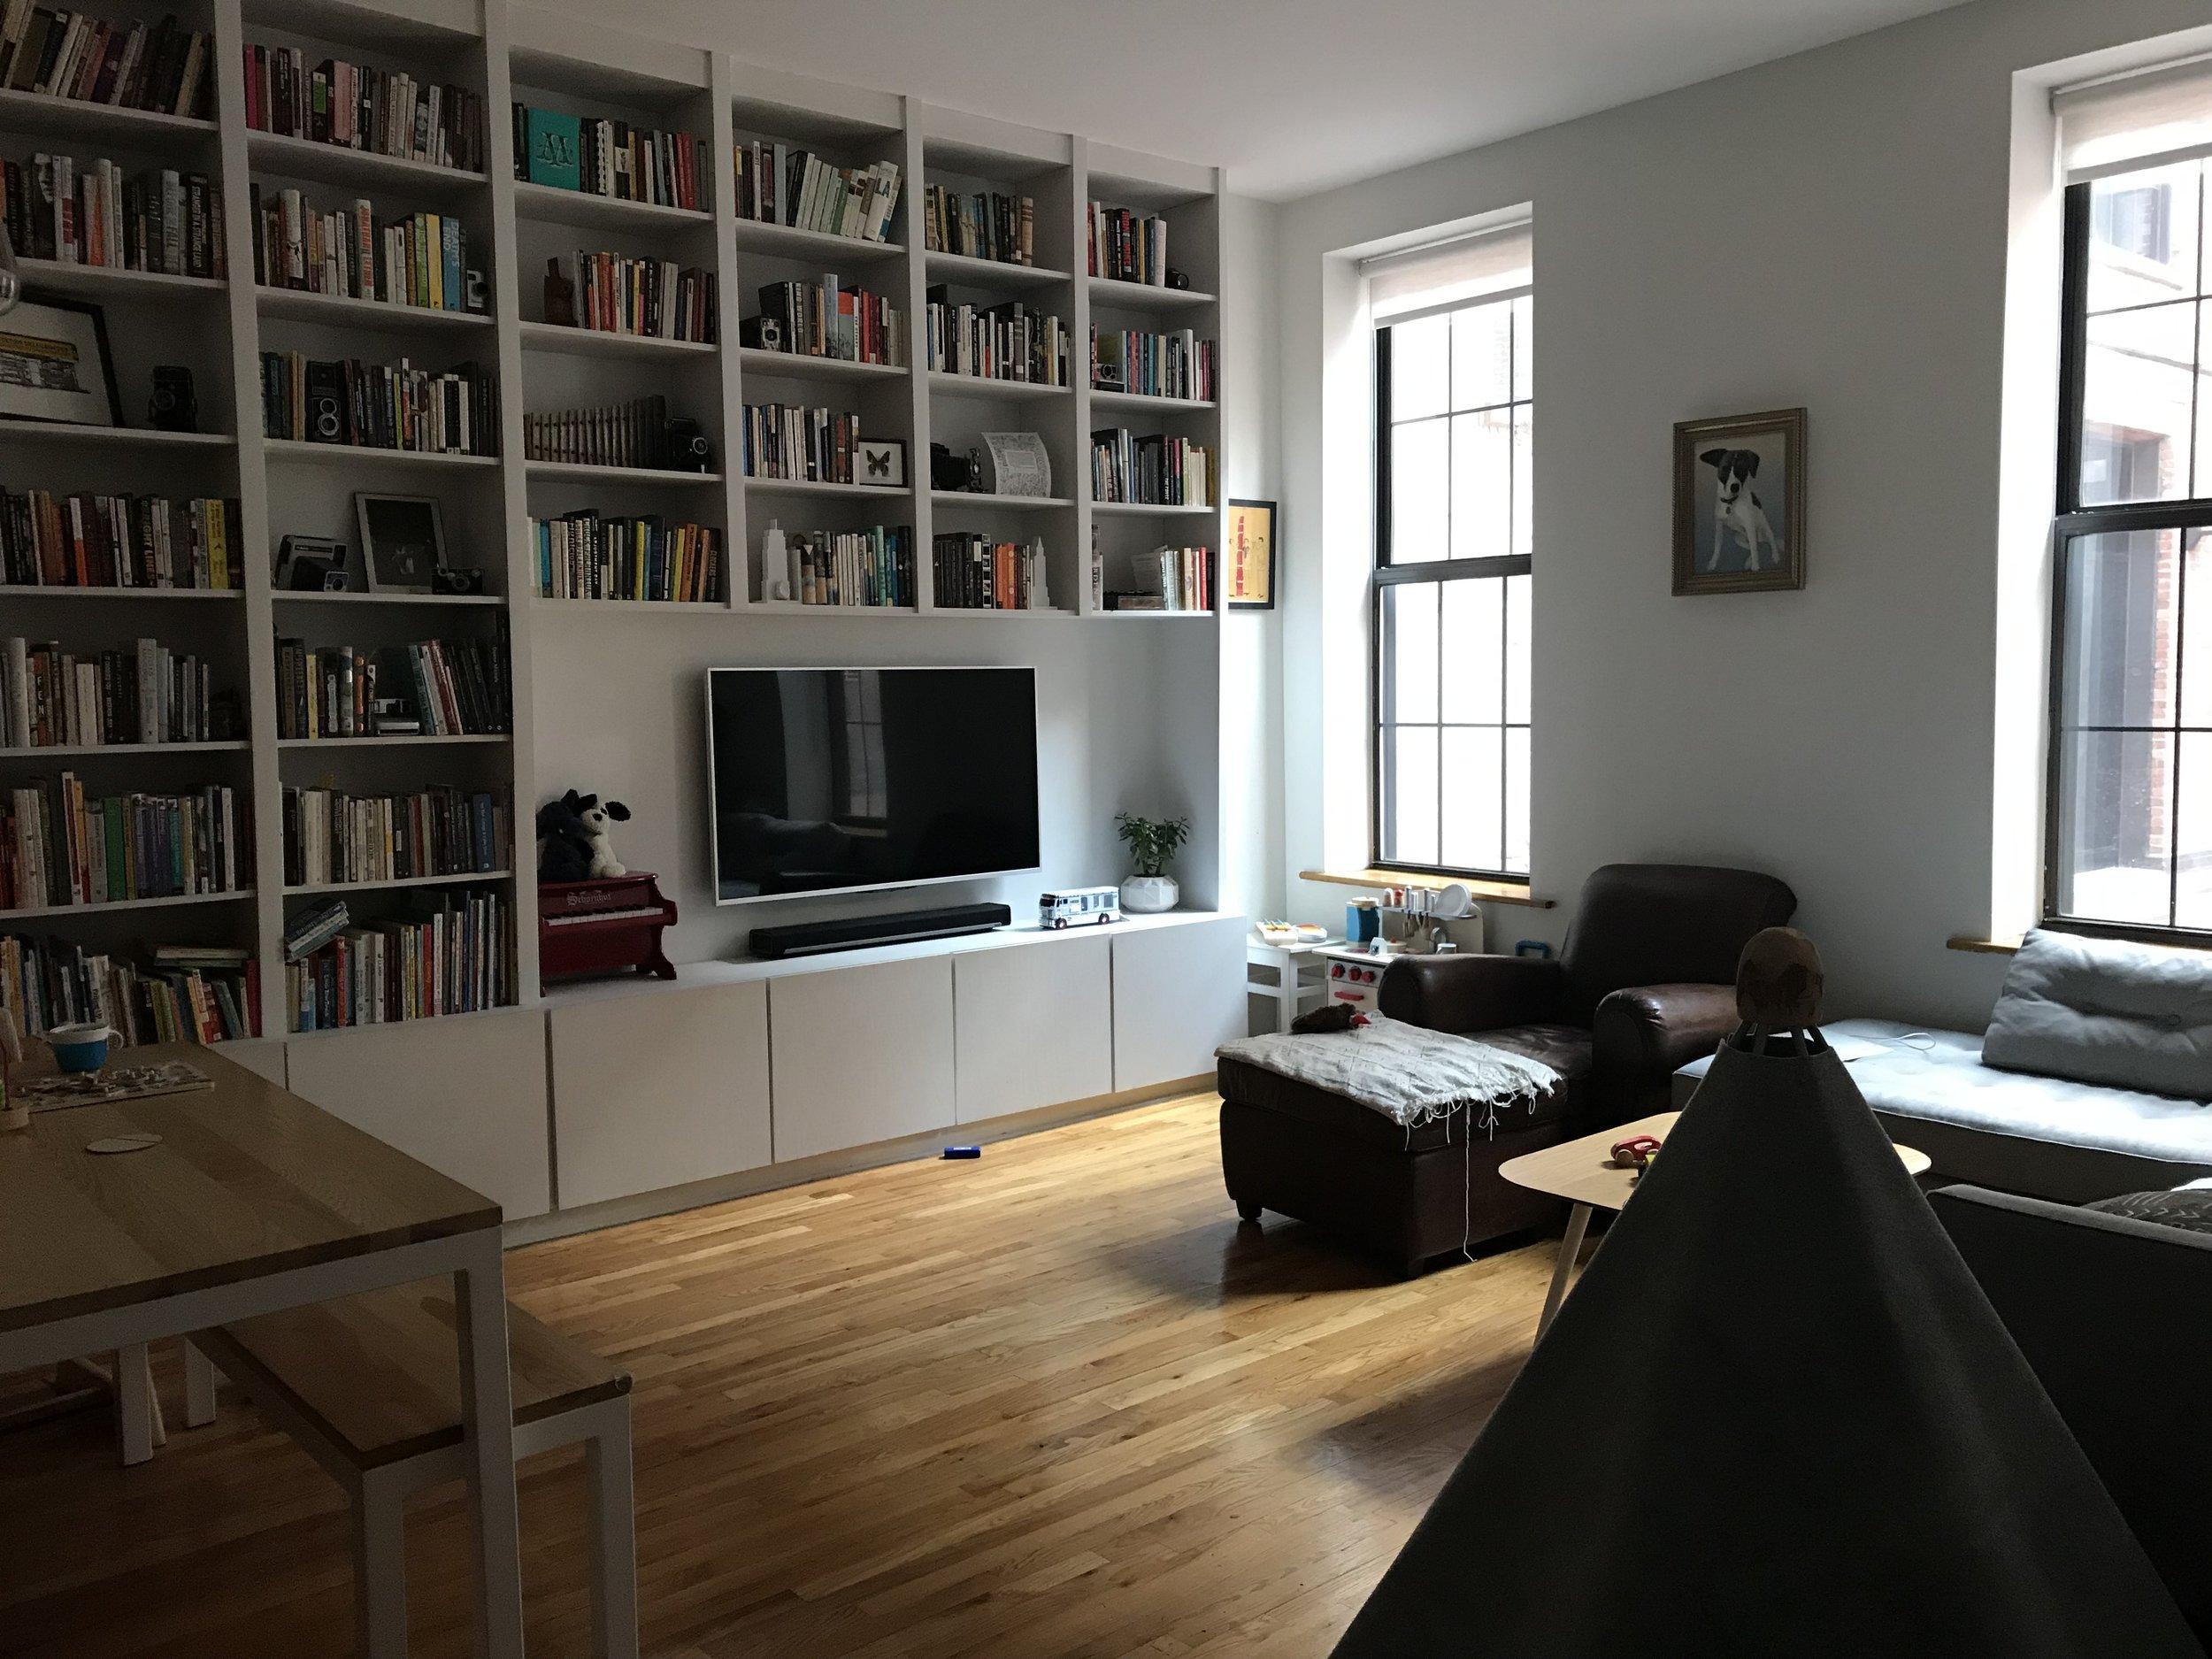 2_living-room-1.JPG